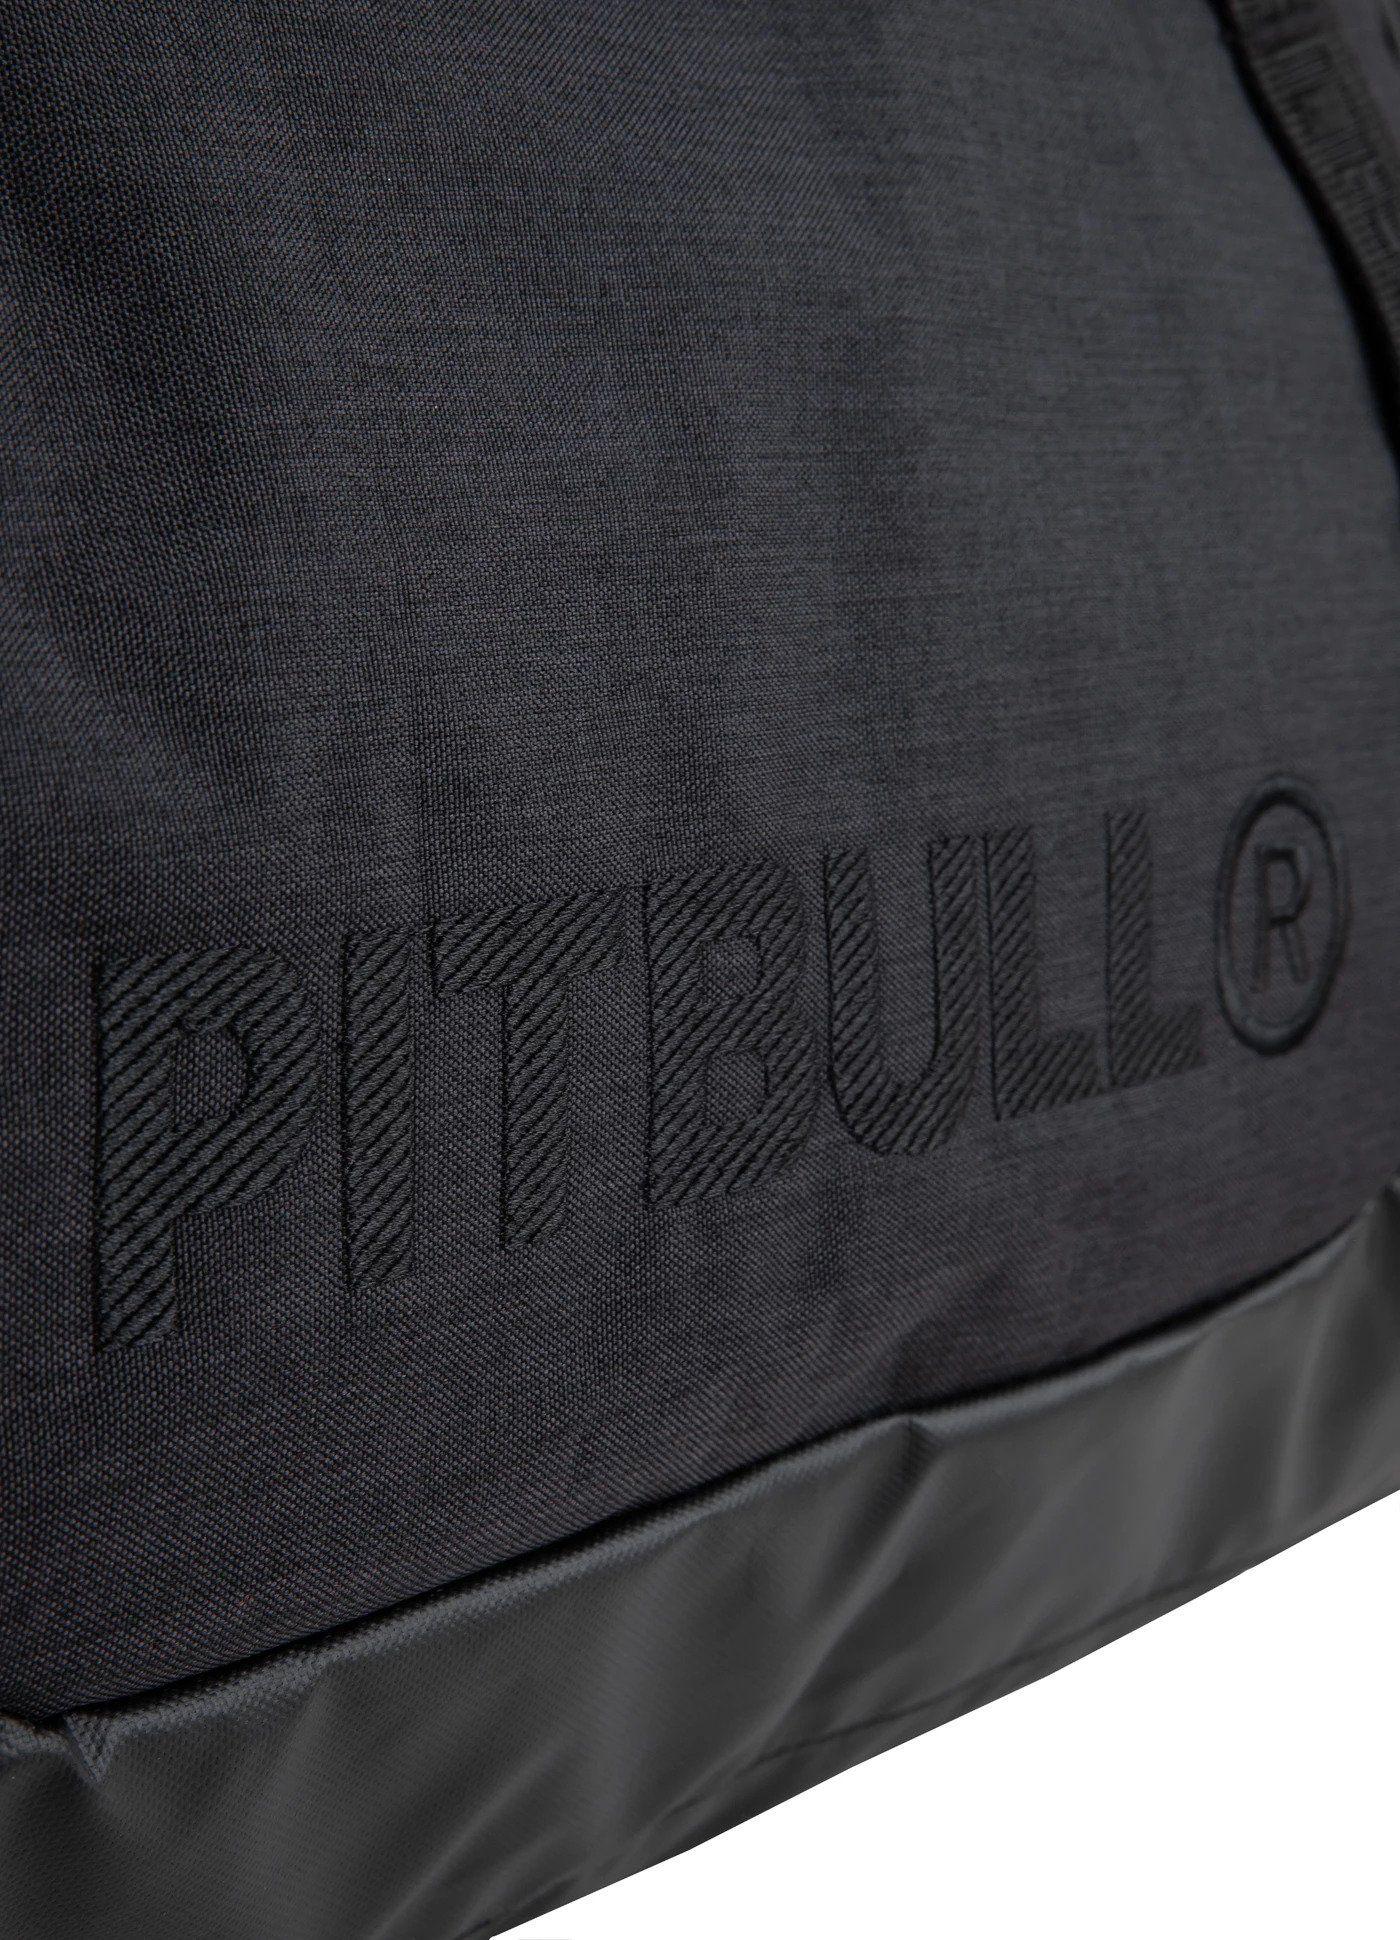 pit-bull-torba-sportowa-concord-czarny-4